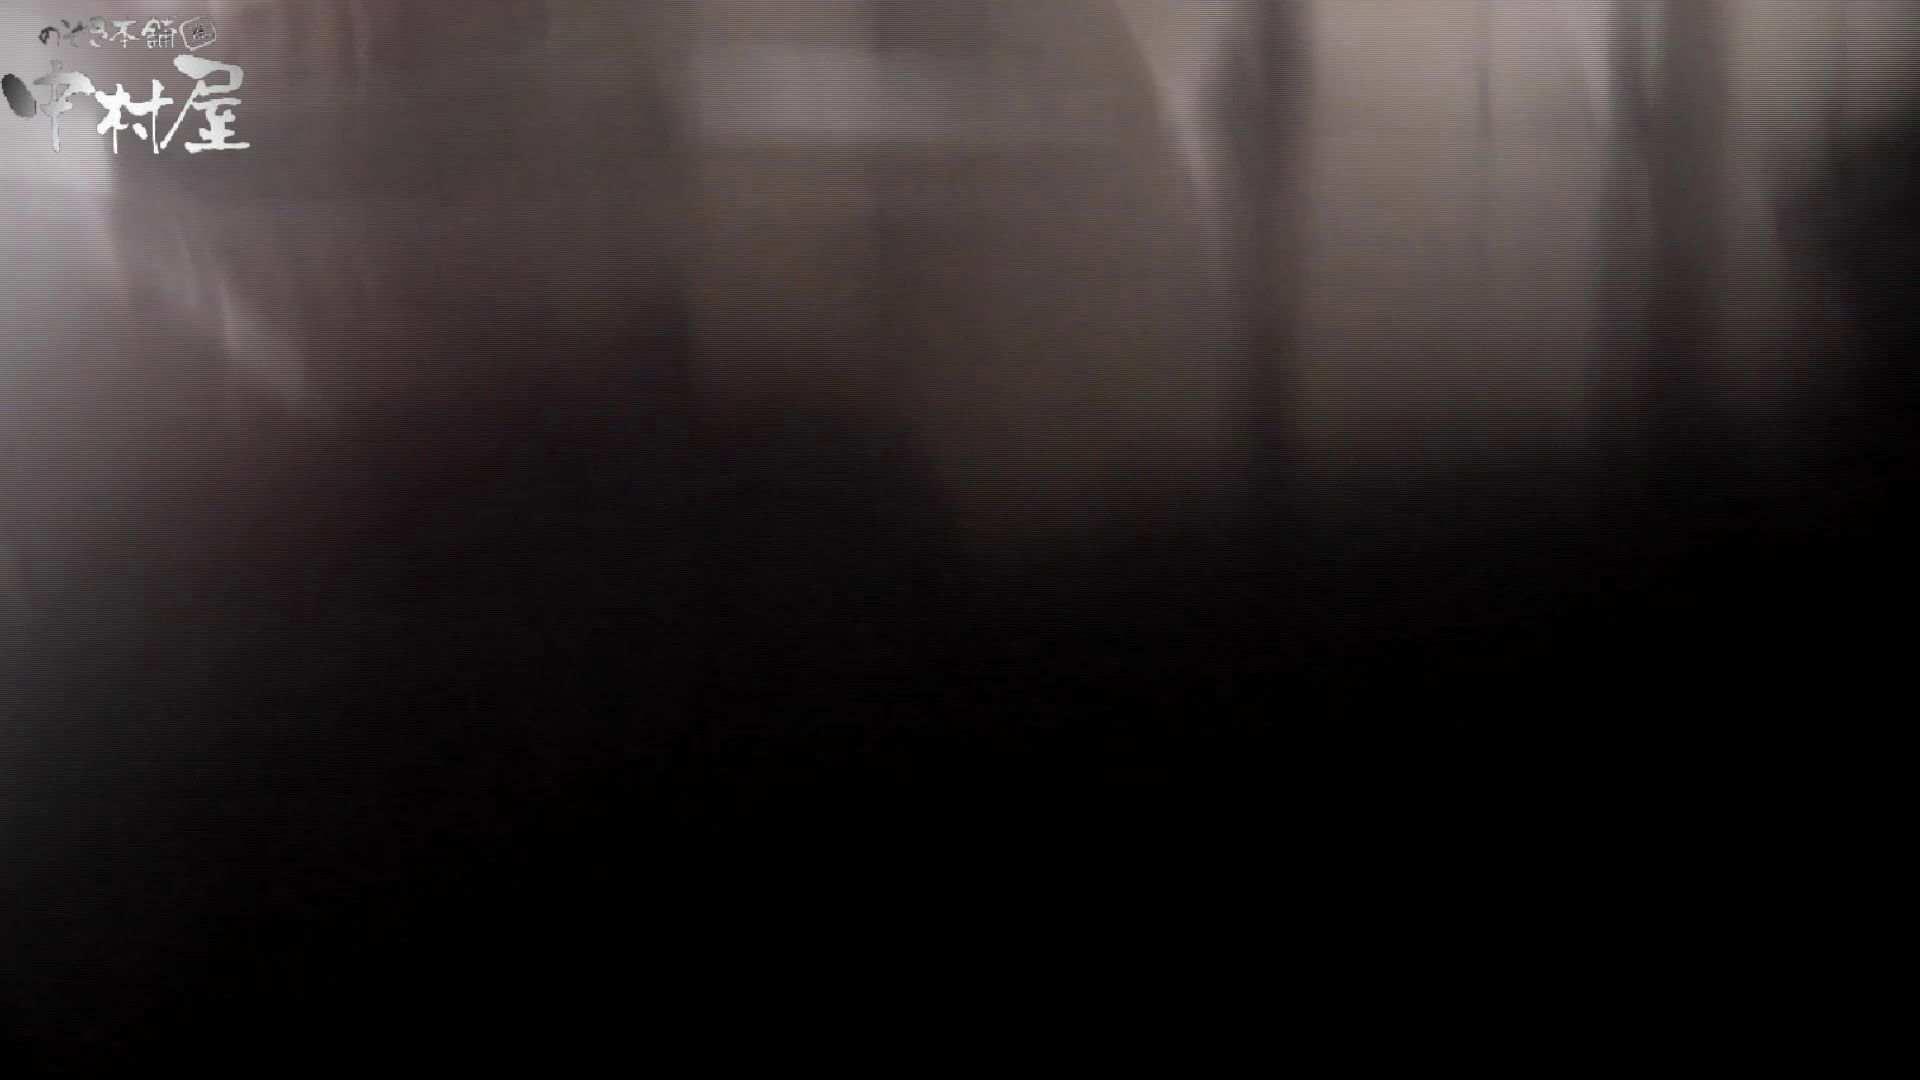 世界の射窓から~vol47 珍しい、毛からしたってくる聖水 OLエロ画像  113PICs 22